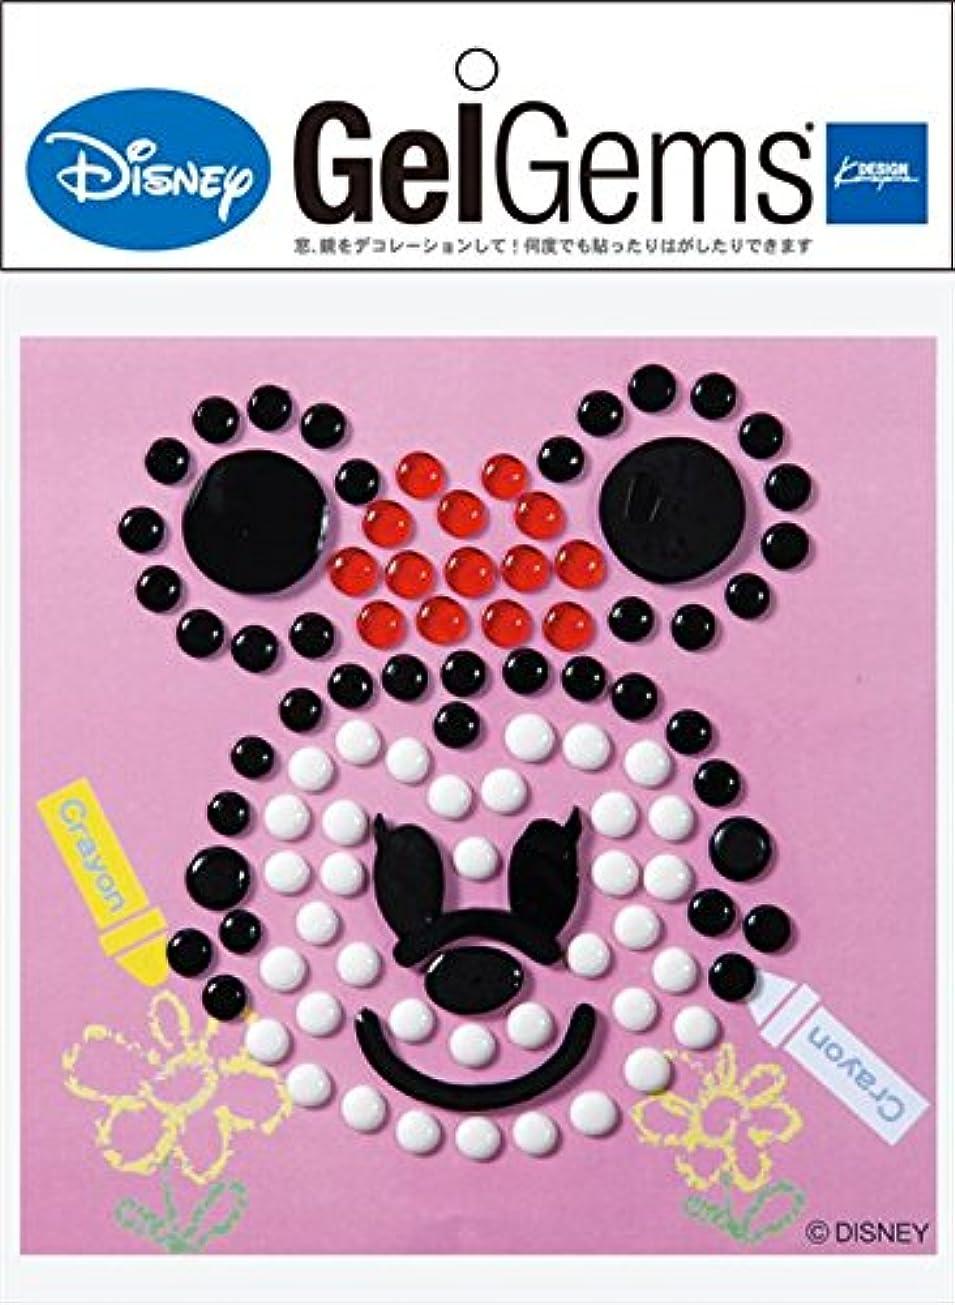 マディソンスコア足音ディズニー(Disney) ジェルジェムディズニーバッグS 「 ミニードット 」 E1050052